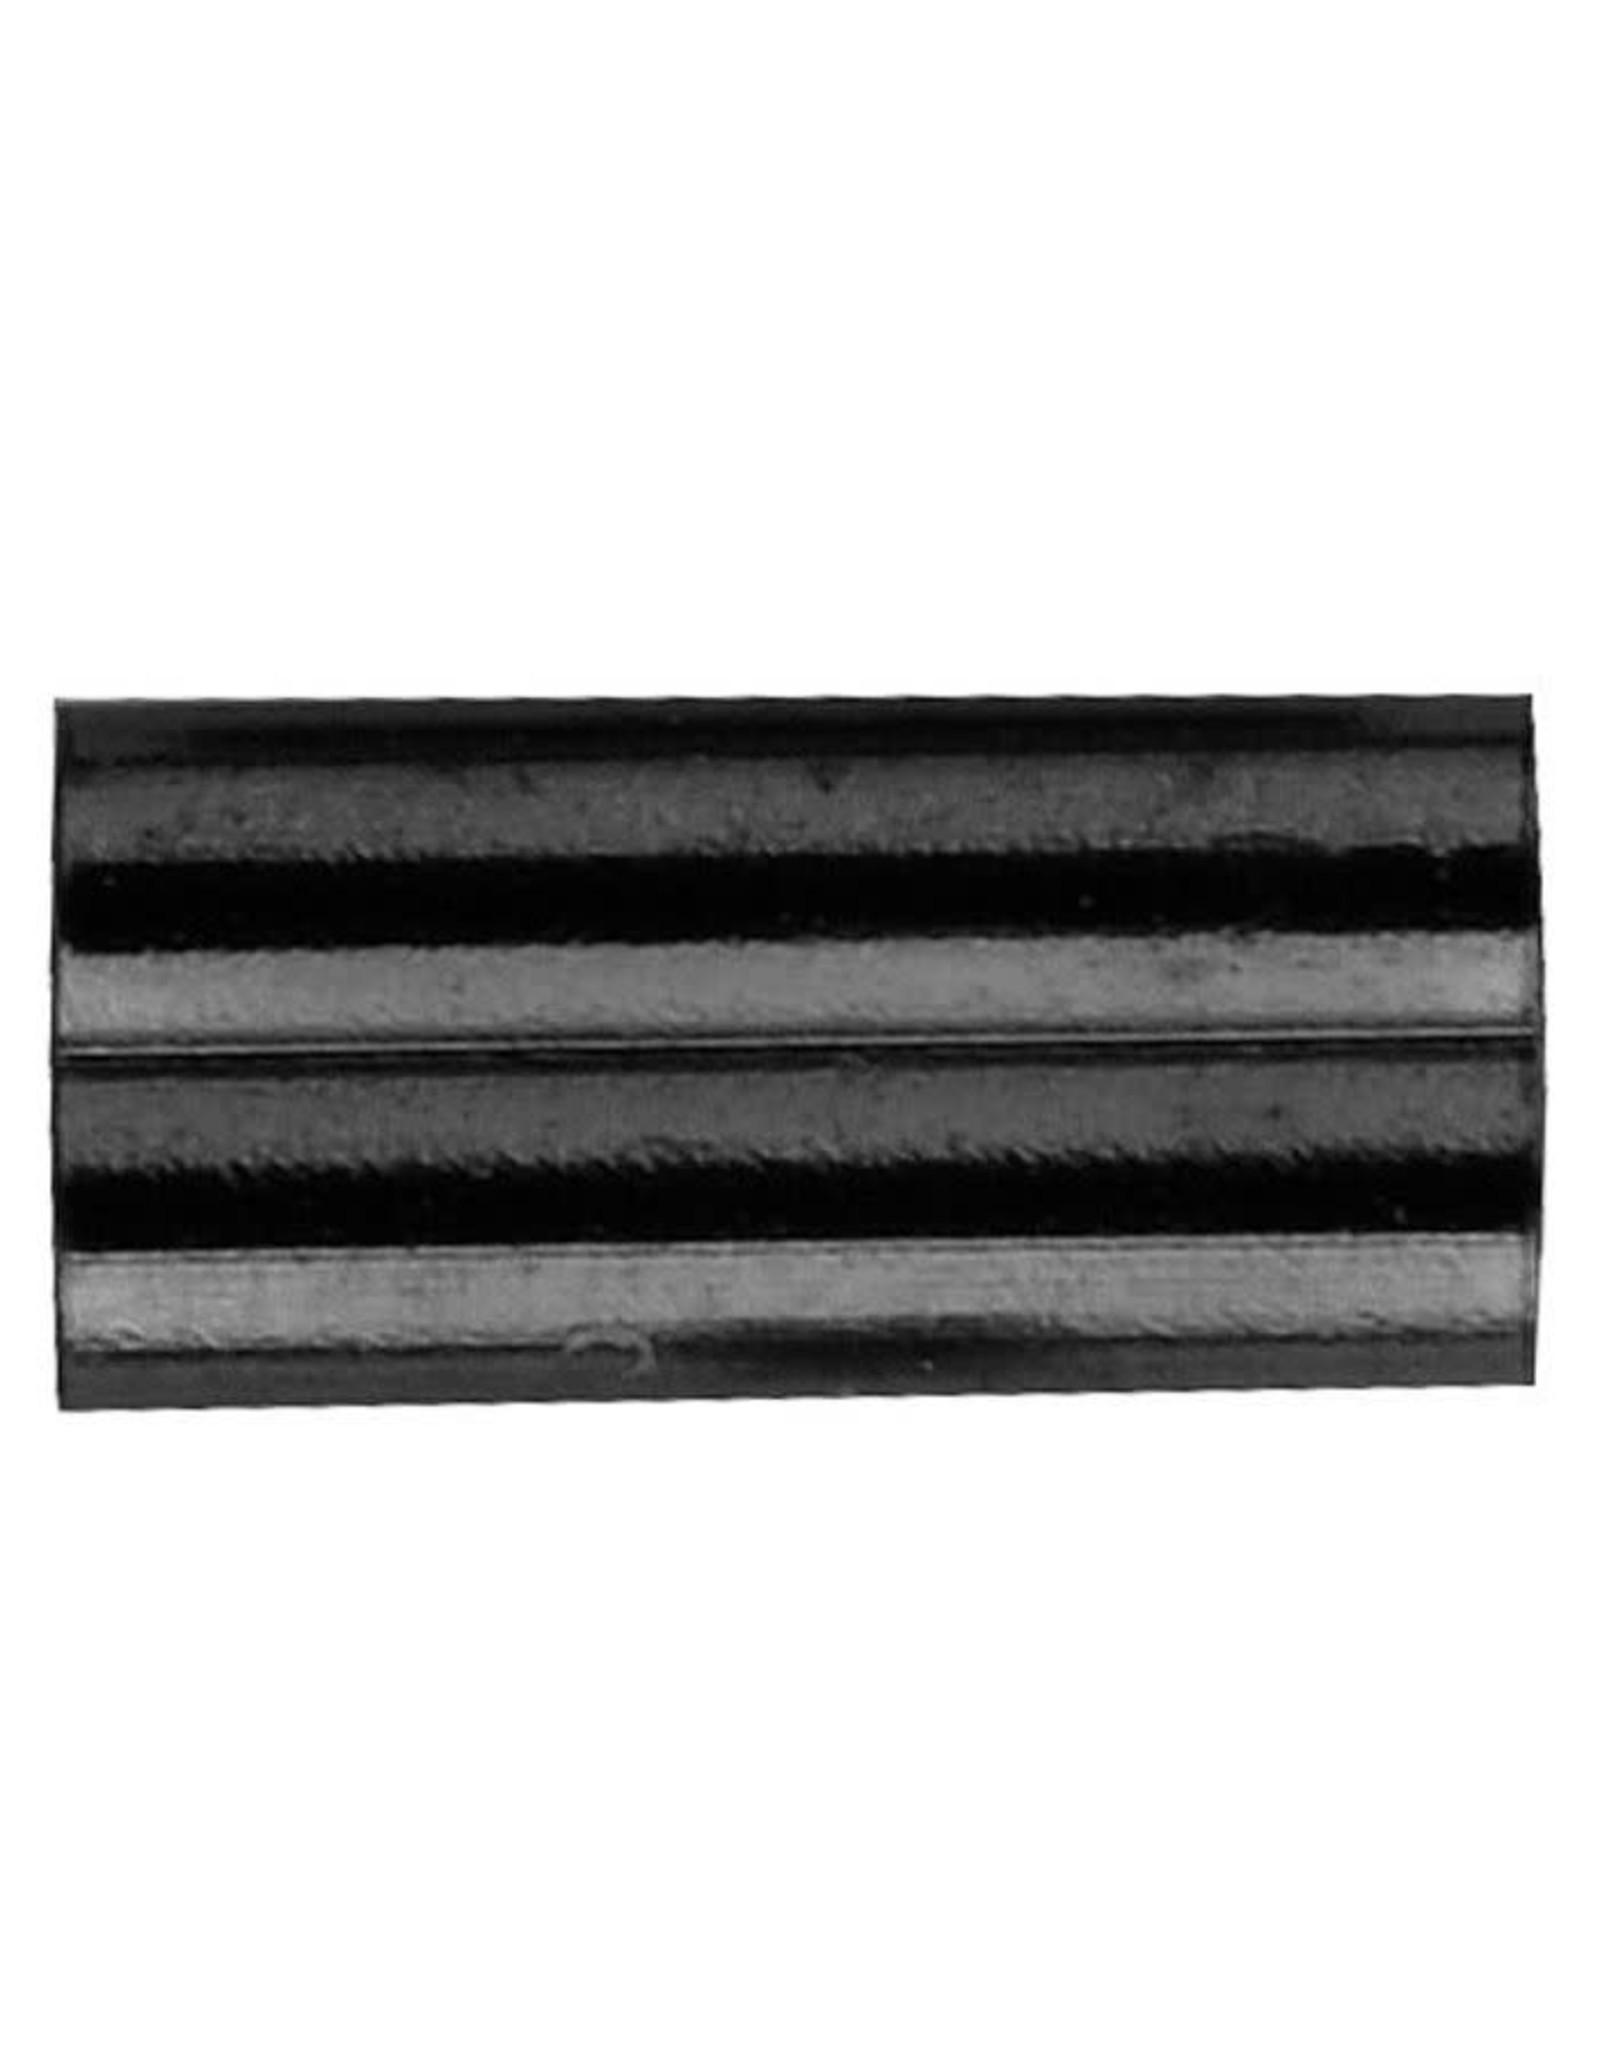 SPRO MATTE BLACK W-BRASS CRIMP # 1.2X2.6XL8